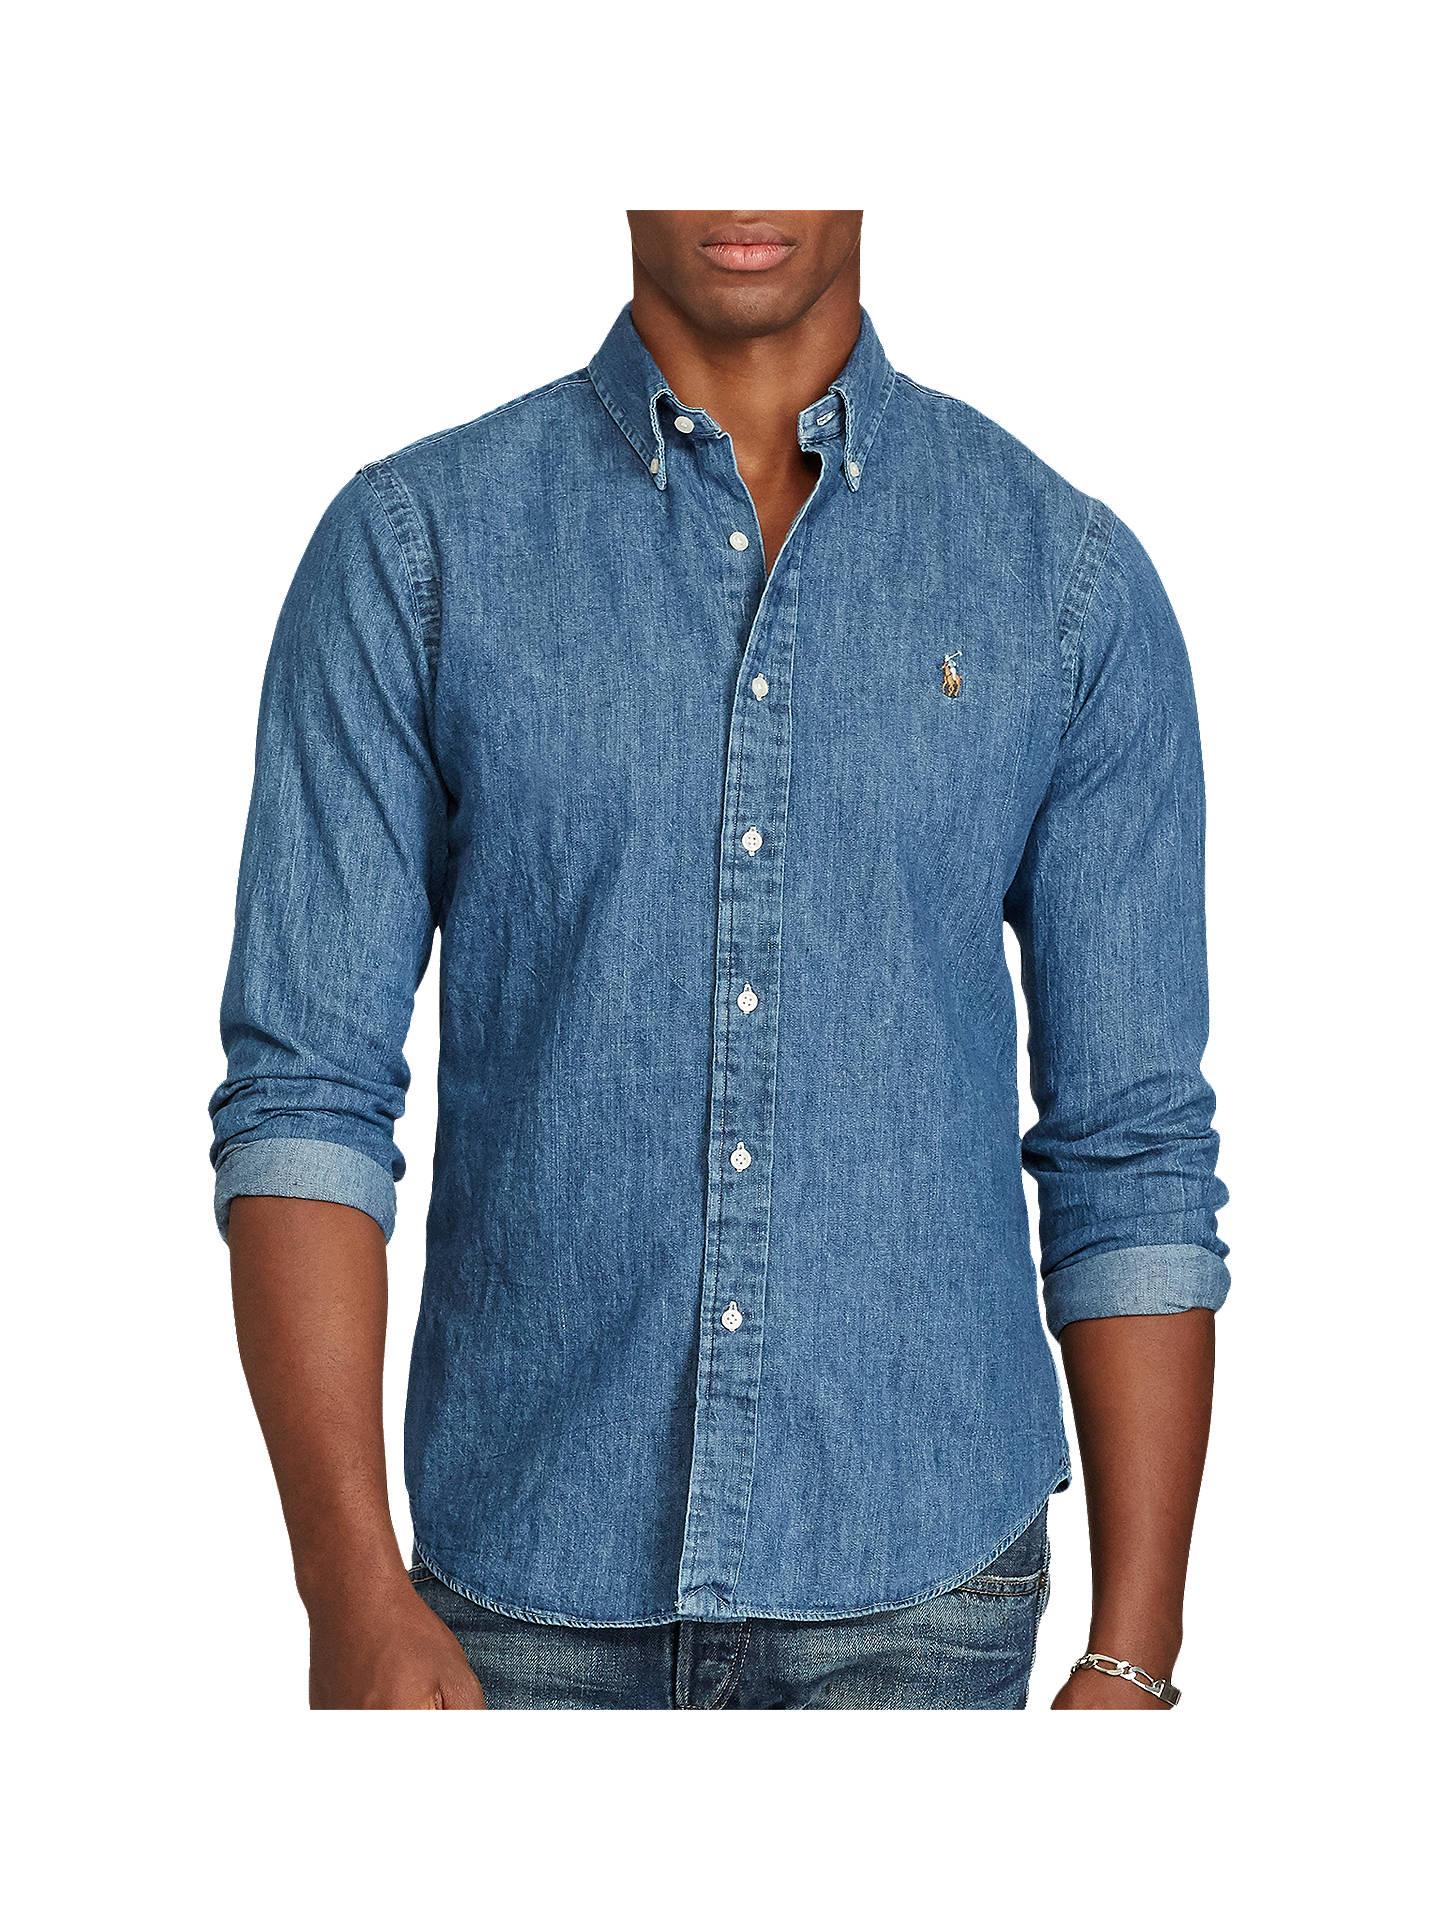 a6c729a0d1054 Buy Polo Ralph Lauren Long Sleeve Slim Fit Denim Shirt